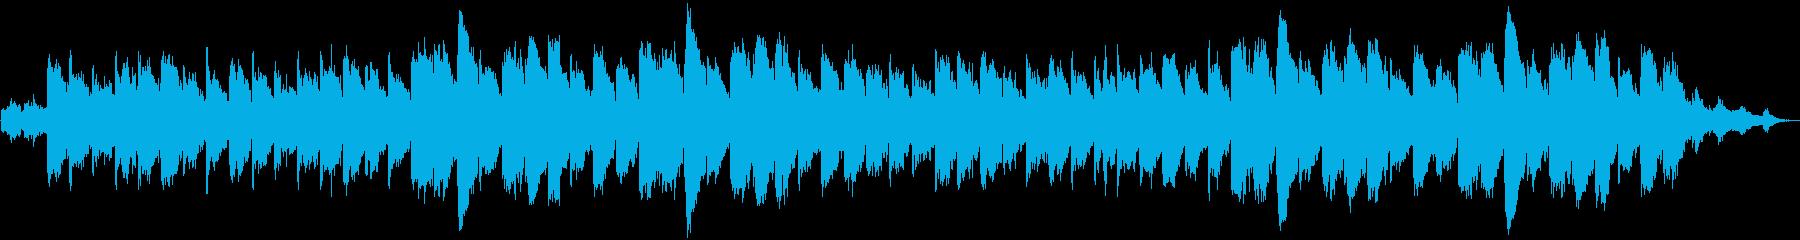 ゆったりとした雰囲気の環境音楽の再生済みの波形